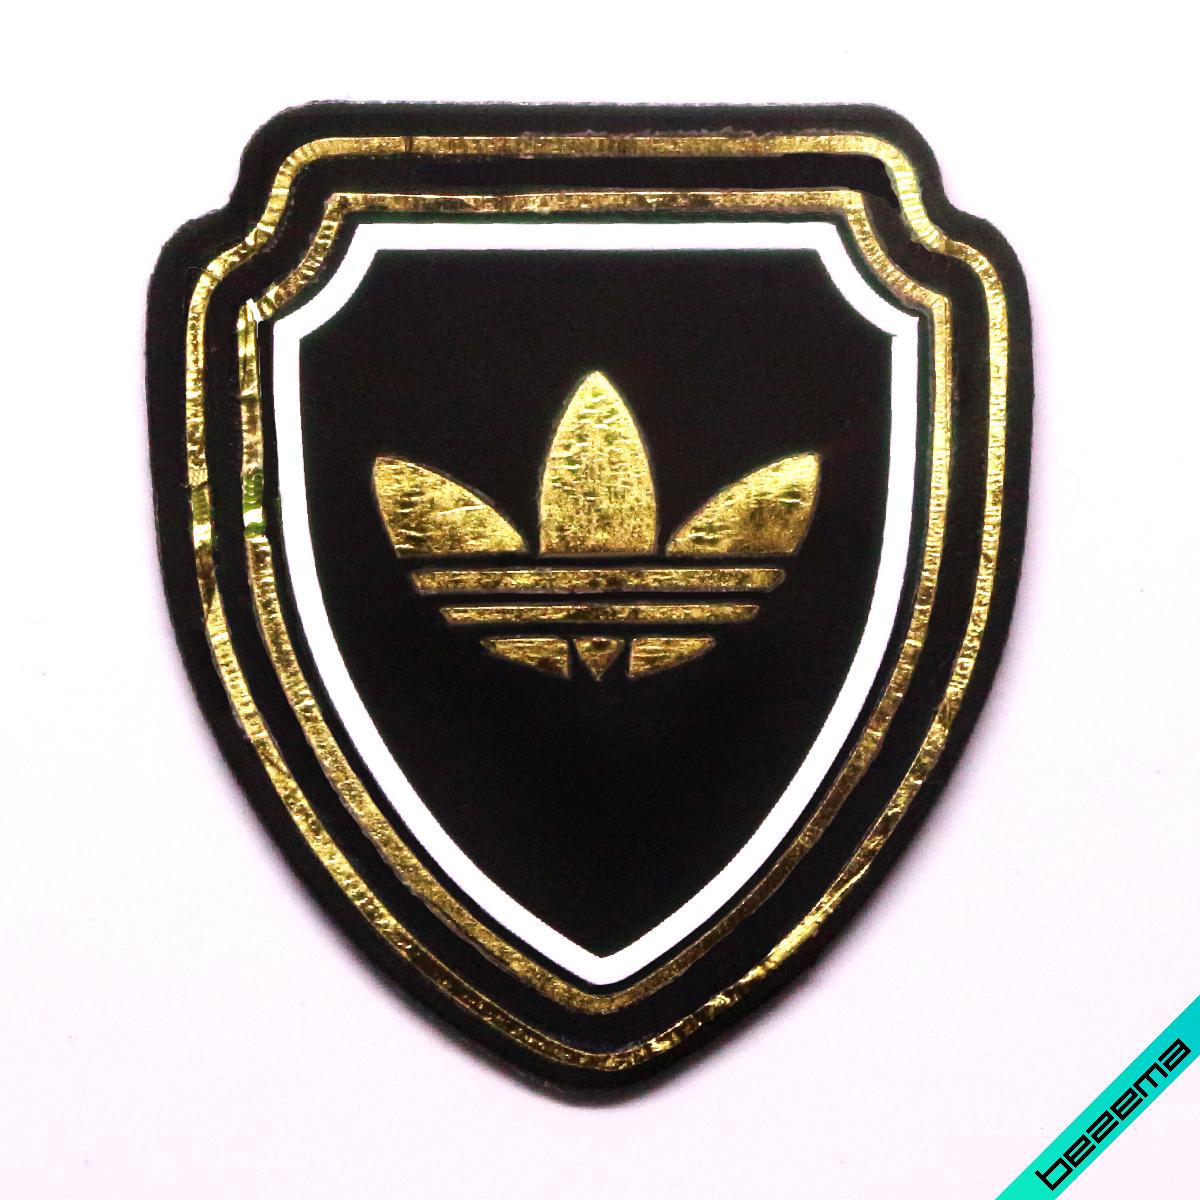 Патчі для бізнесу на жилети термо Логотип [Свій розмір і матеріали в асортименті]